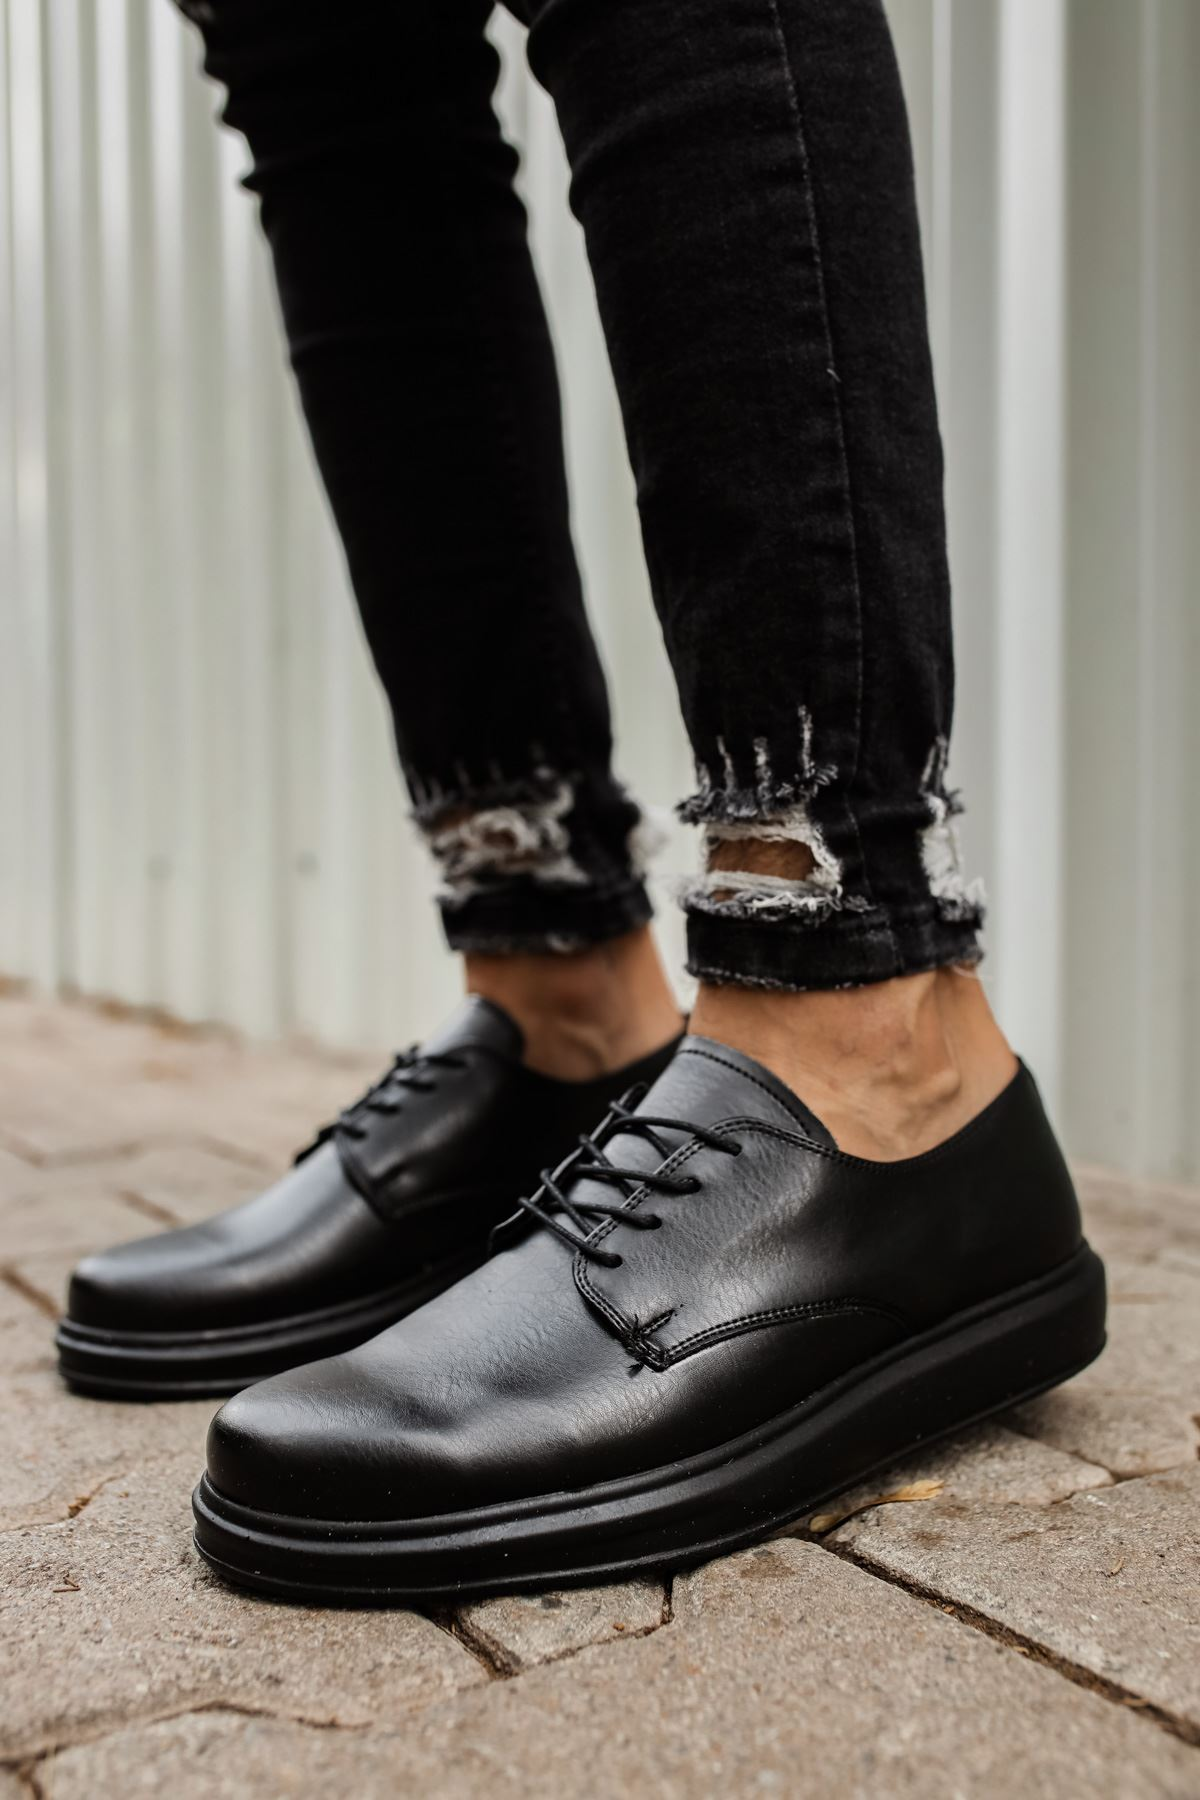 Chekich CH003 ST Erkek Ayakkabı SIYAH